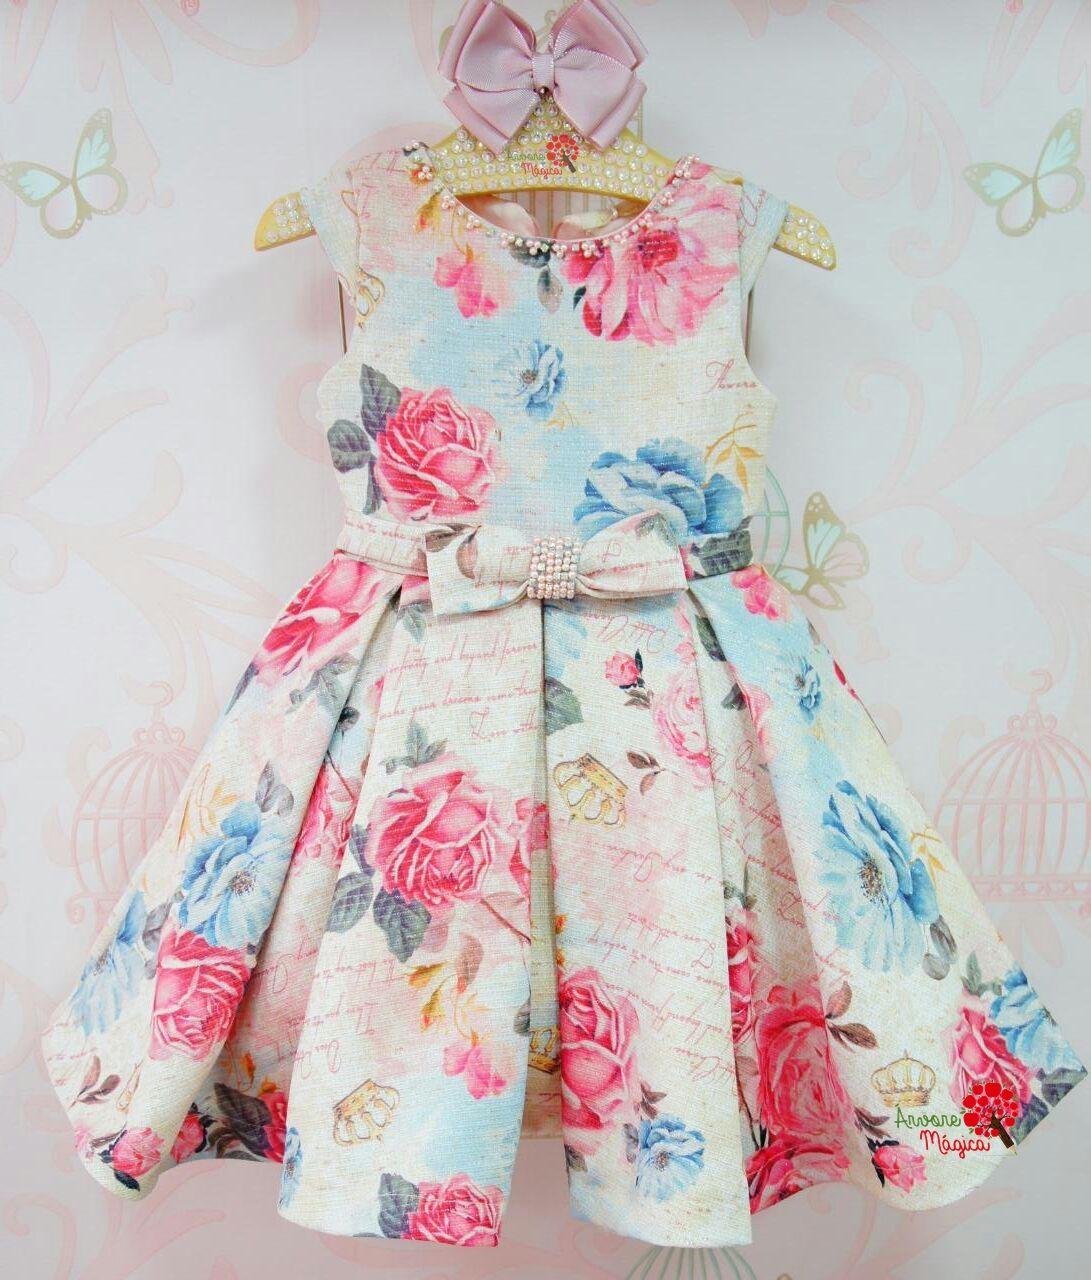 aba6a499c Árvore Mágica - Vestido de Festa Infantil Tweed Floral Petit Cherie ...